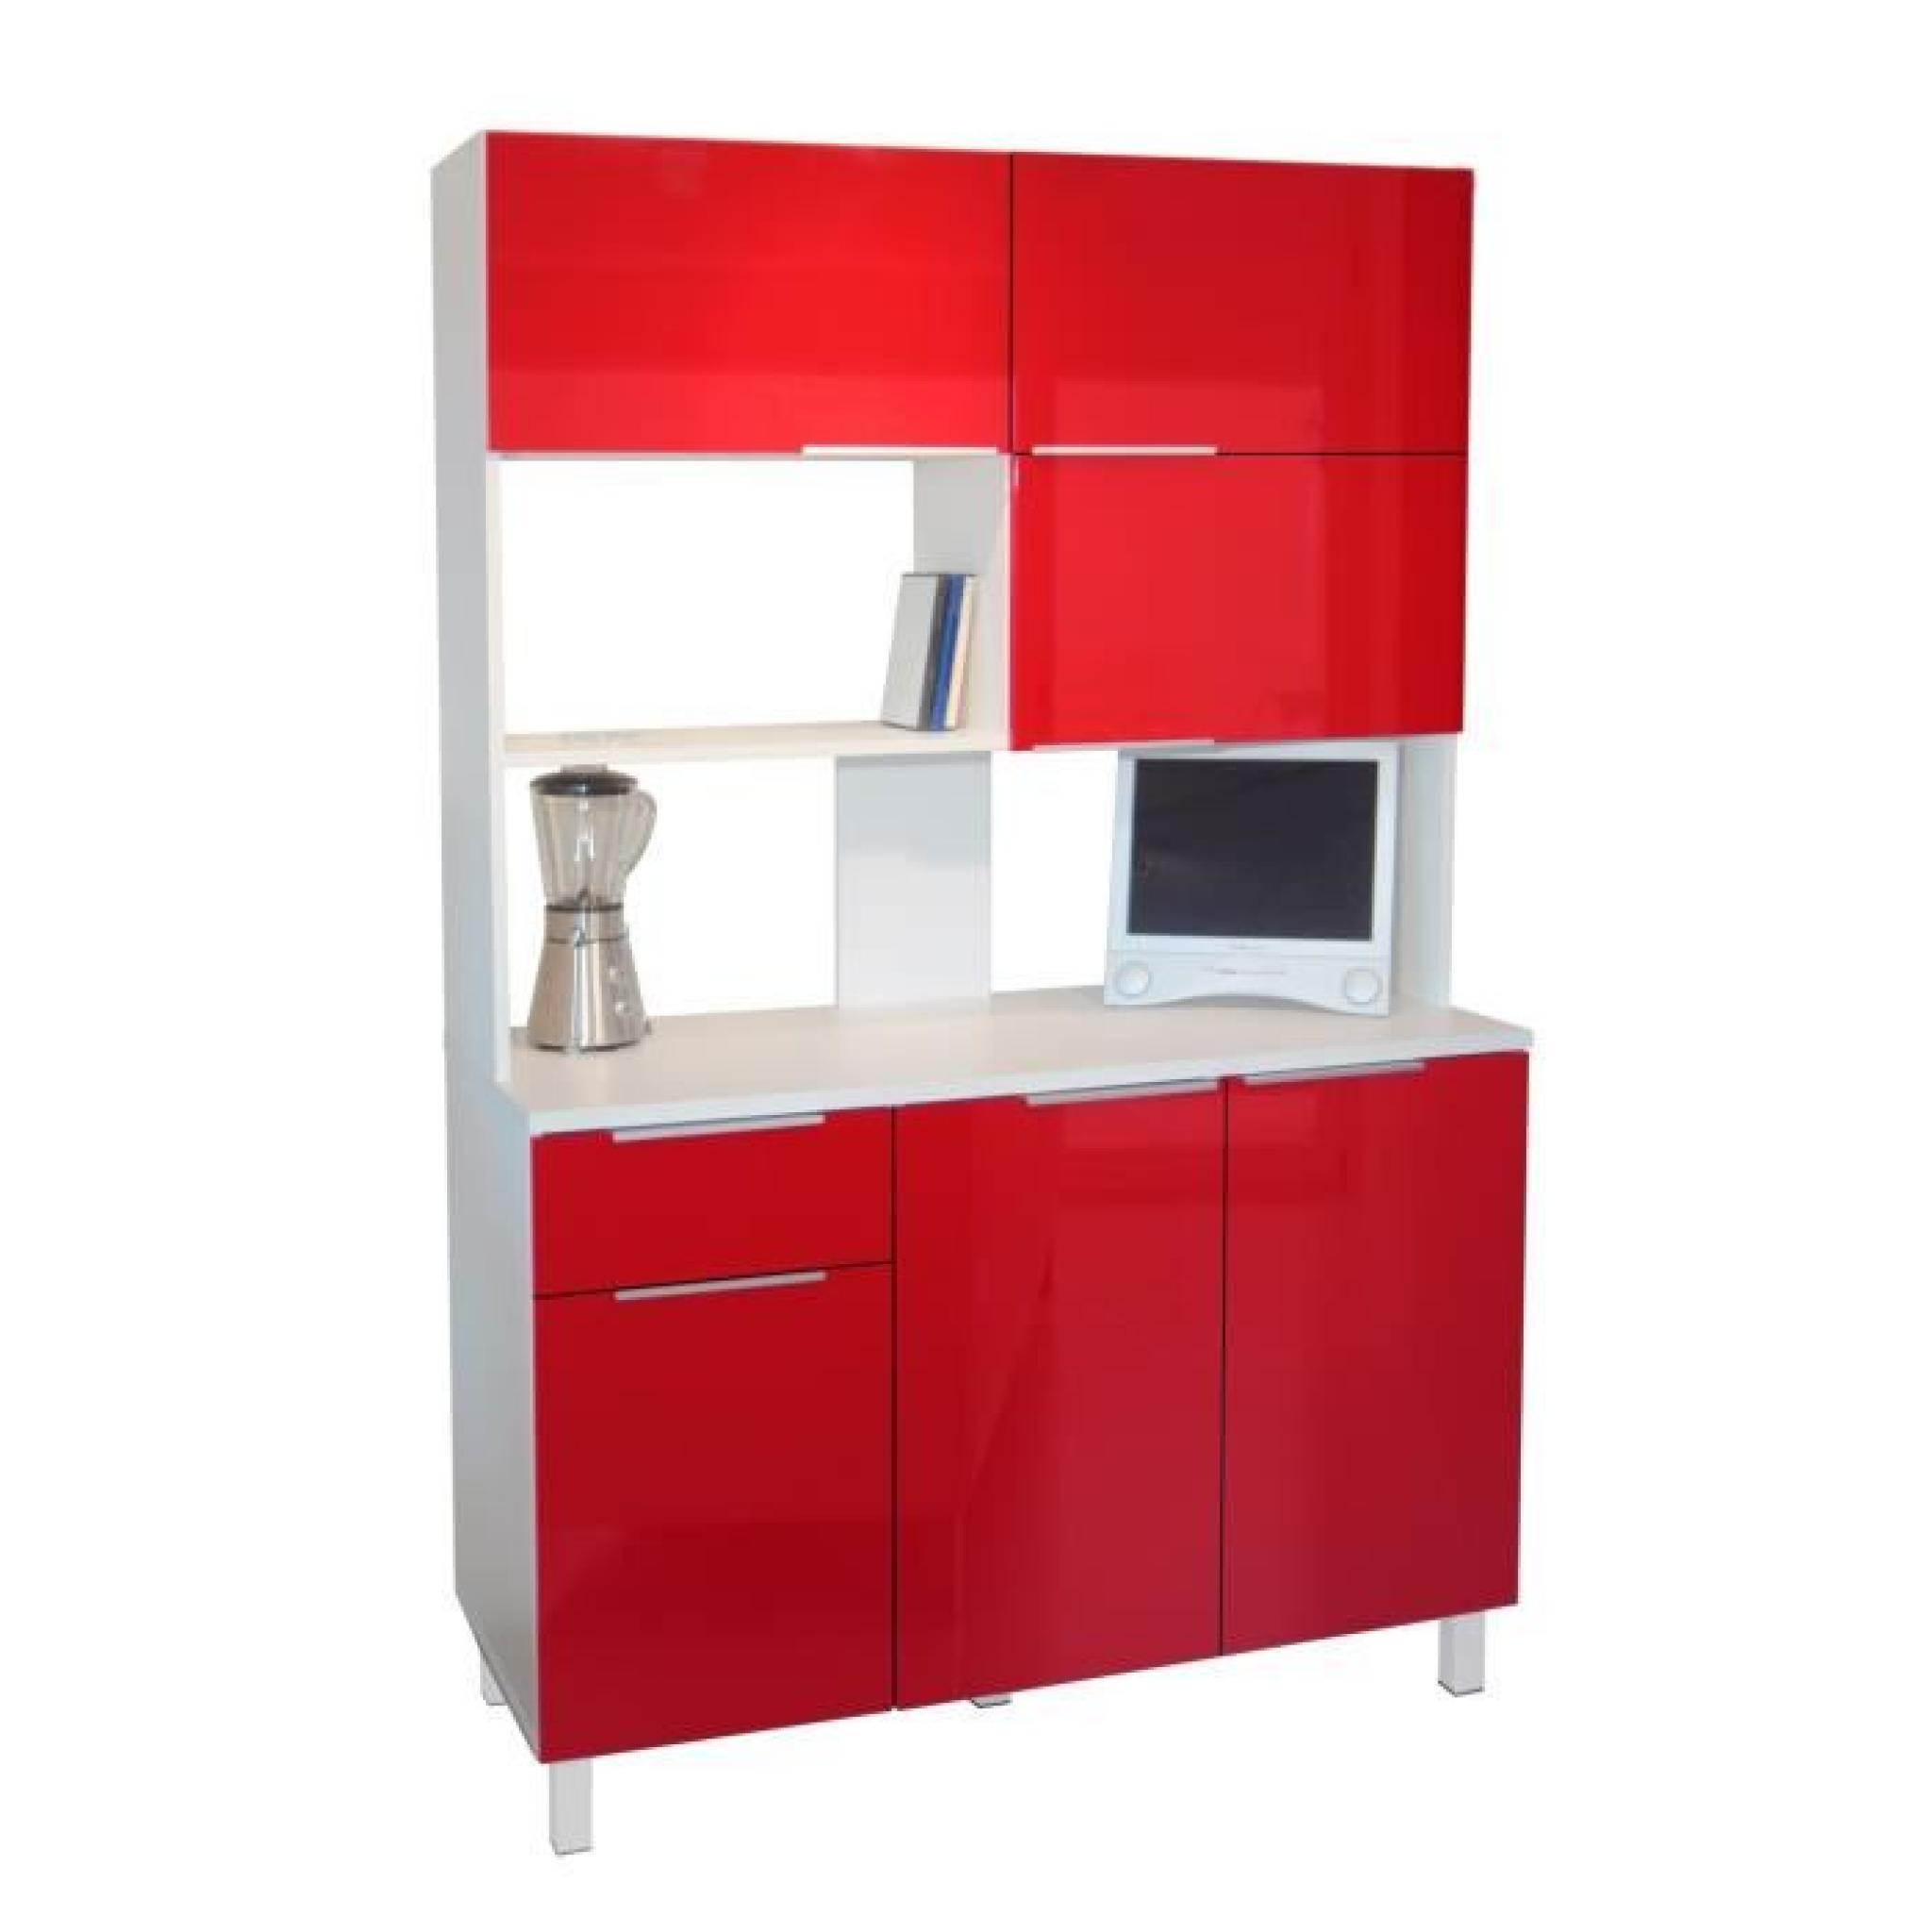 Lova buffet de cuisine 120 cm rouge haute brillance achat vente buffet de cuisine pas cher for Buffet cuisine pas cher d occasion